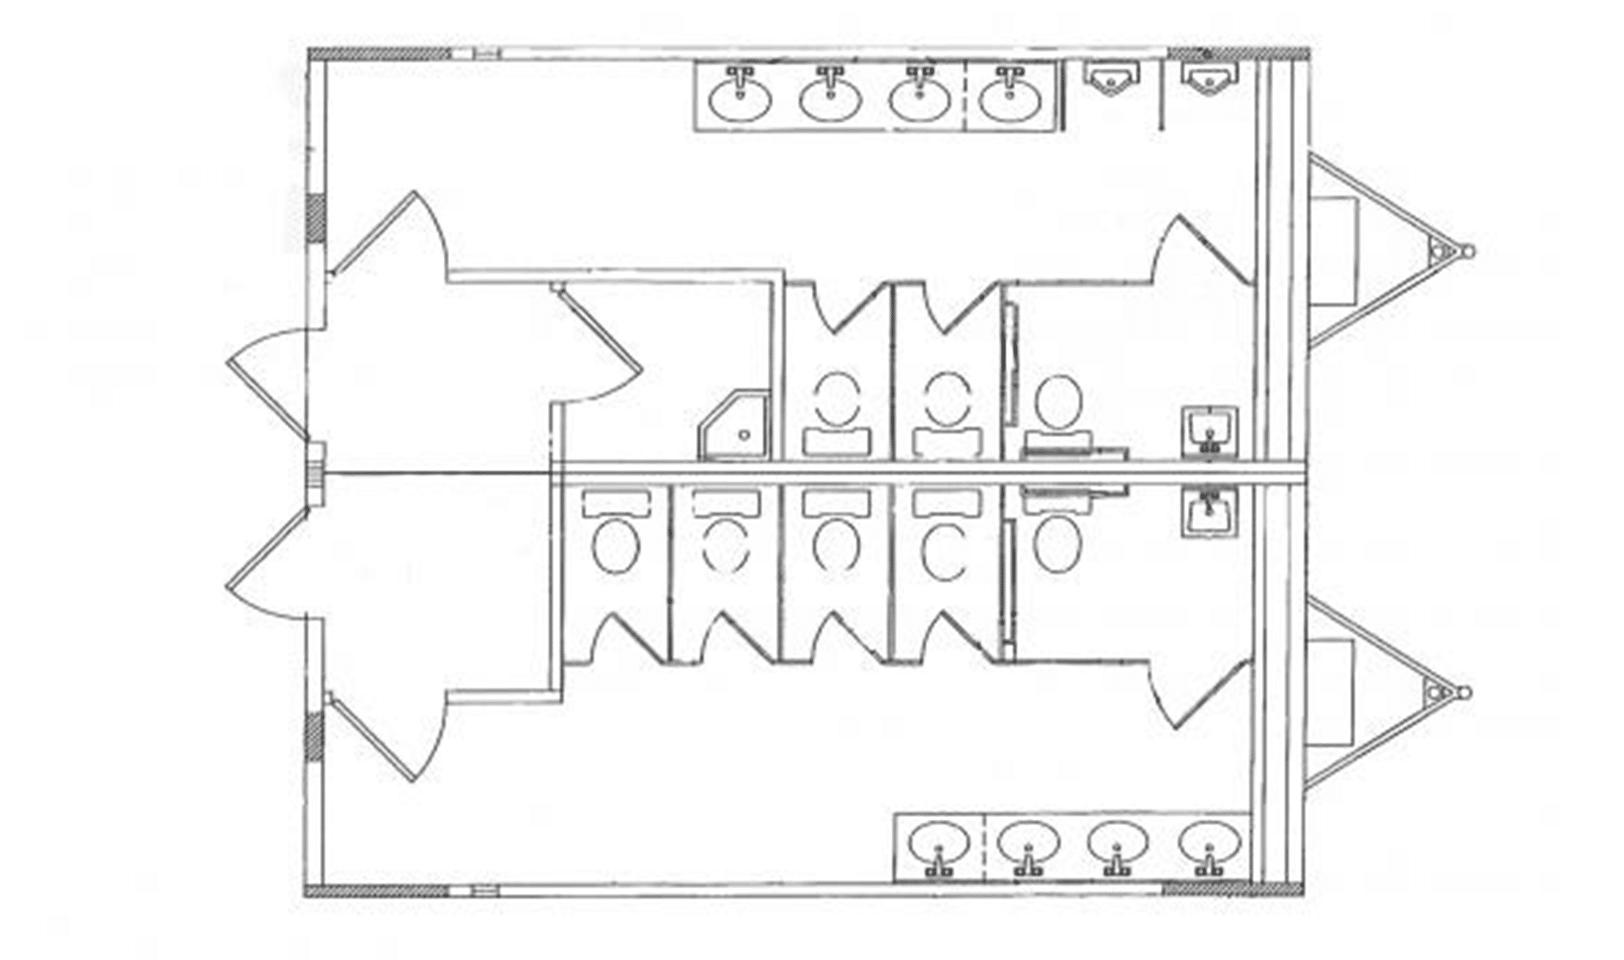 24' x 28' Modular restroom building floor plan